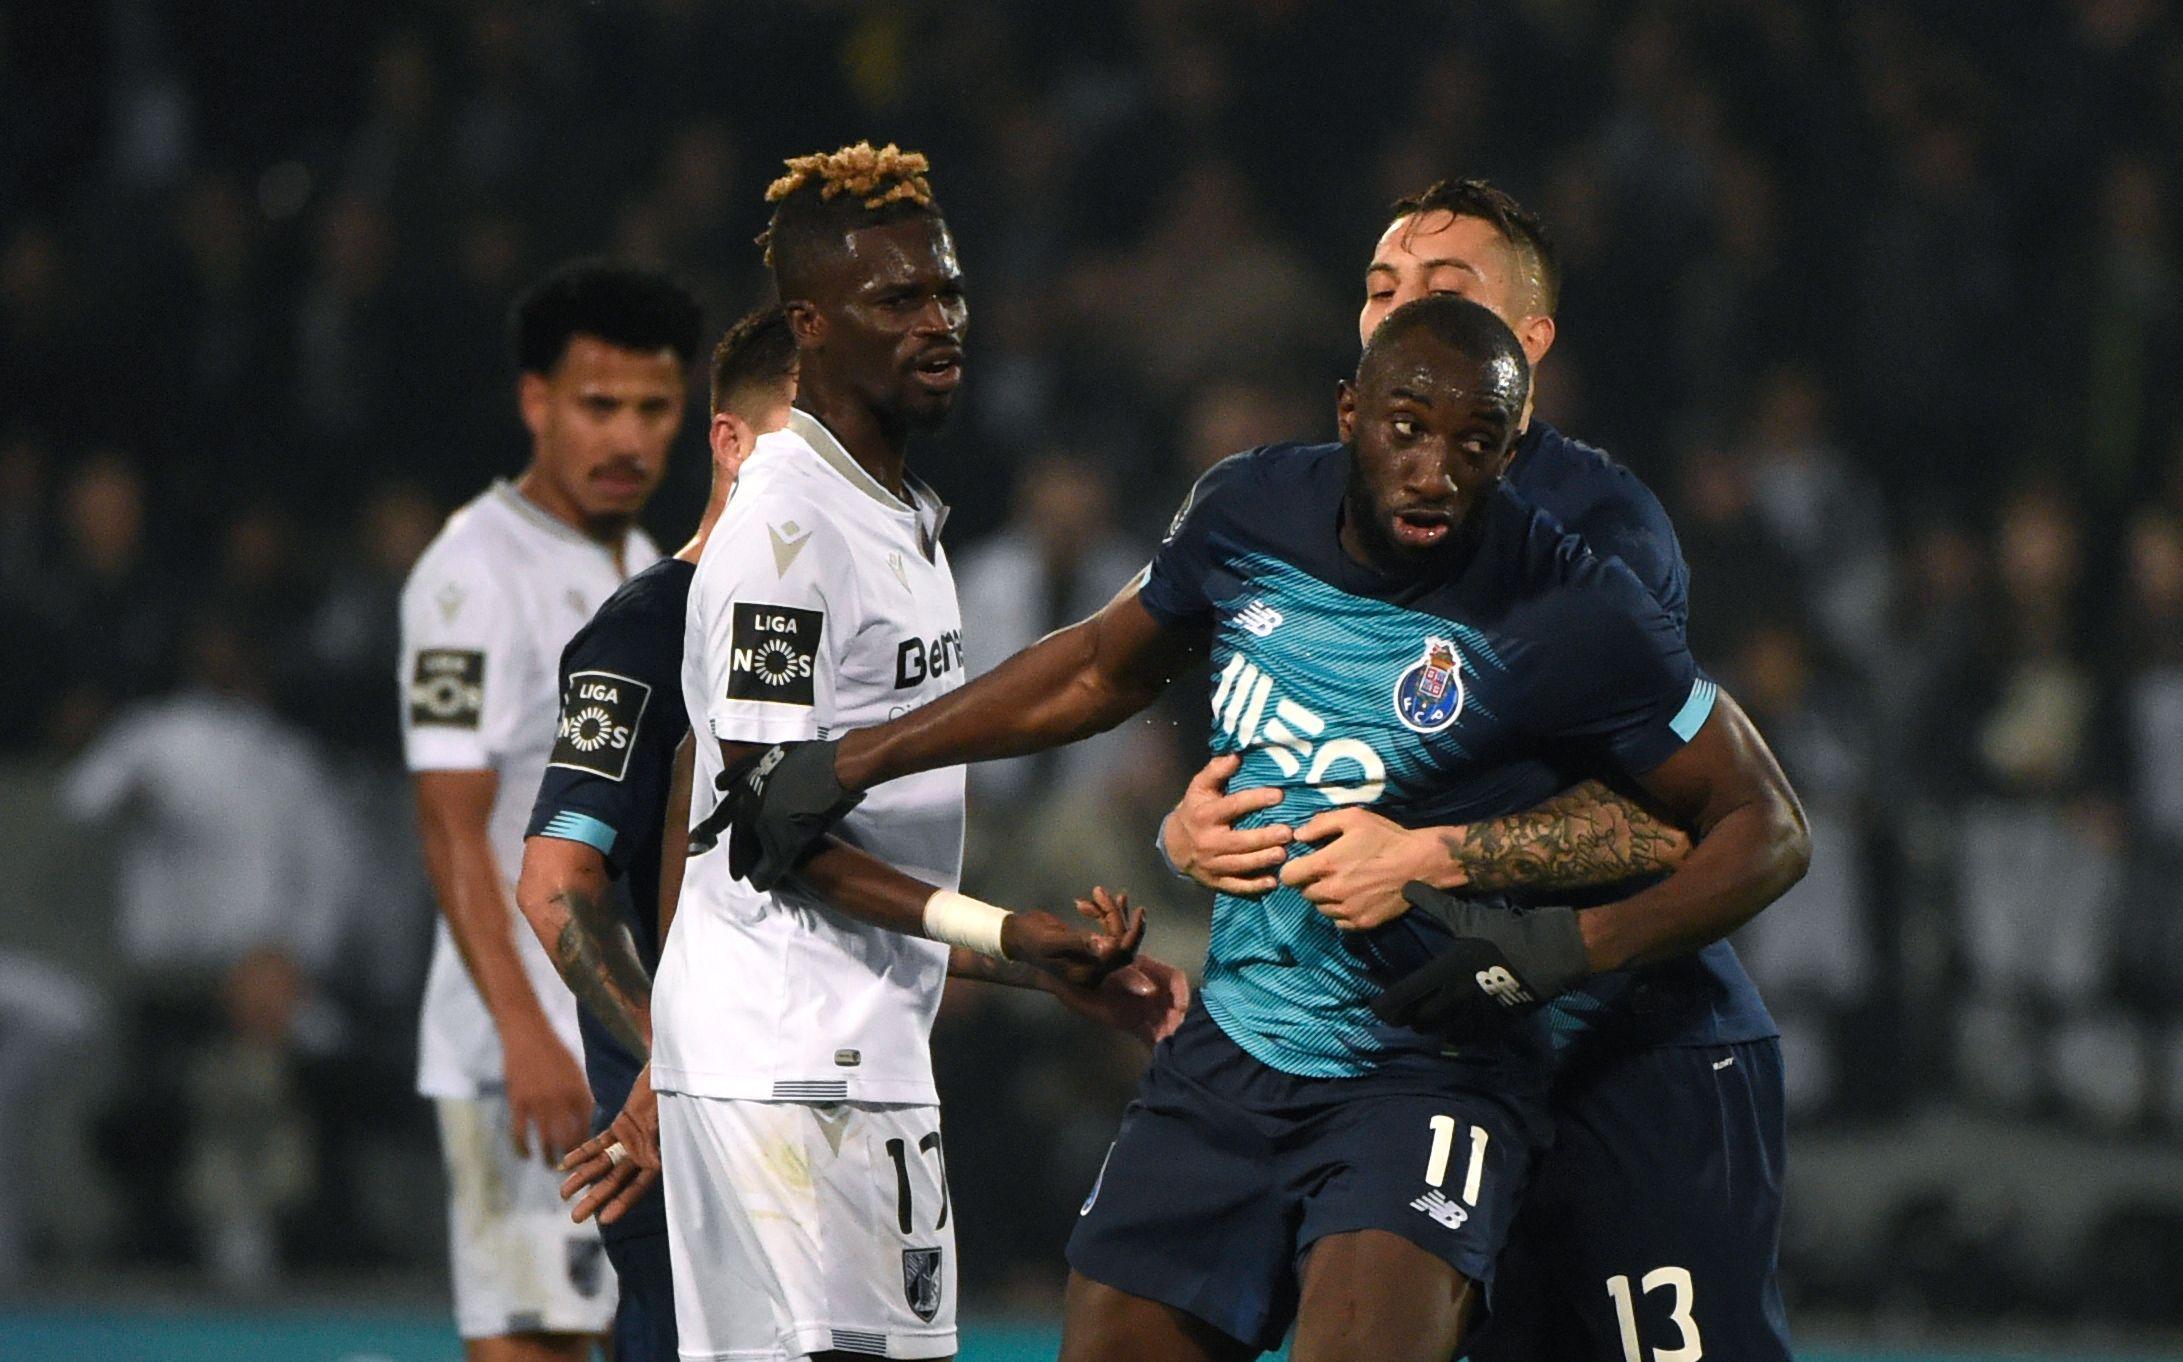 Victime de cris racistes, l'attaquant de Porto quitte le terrain